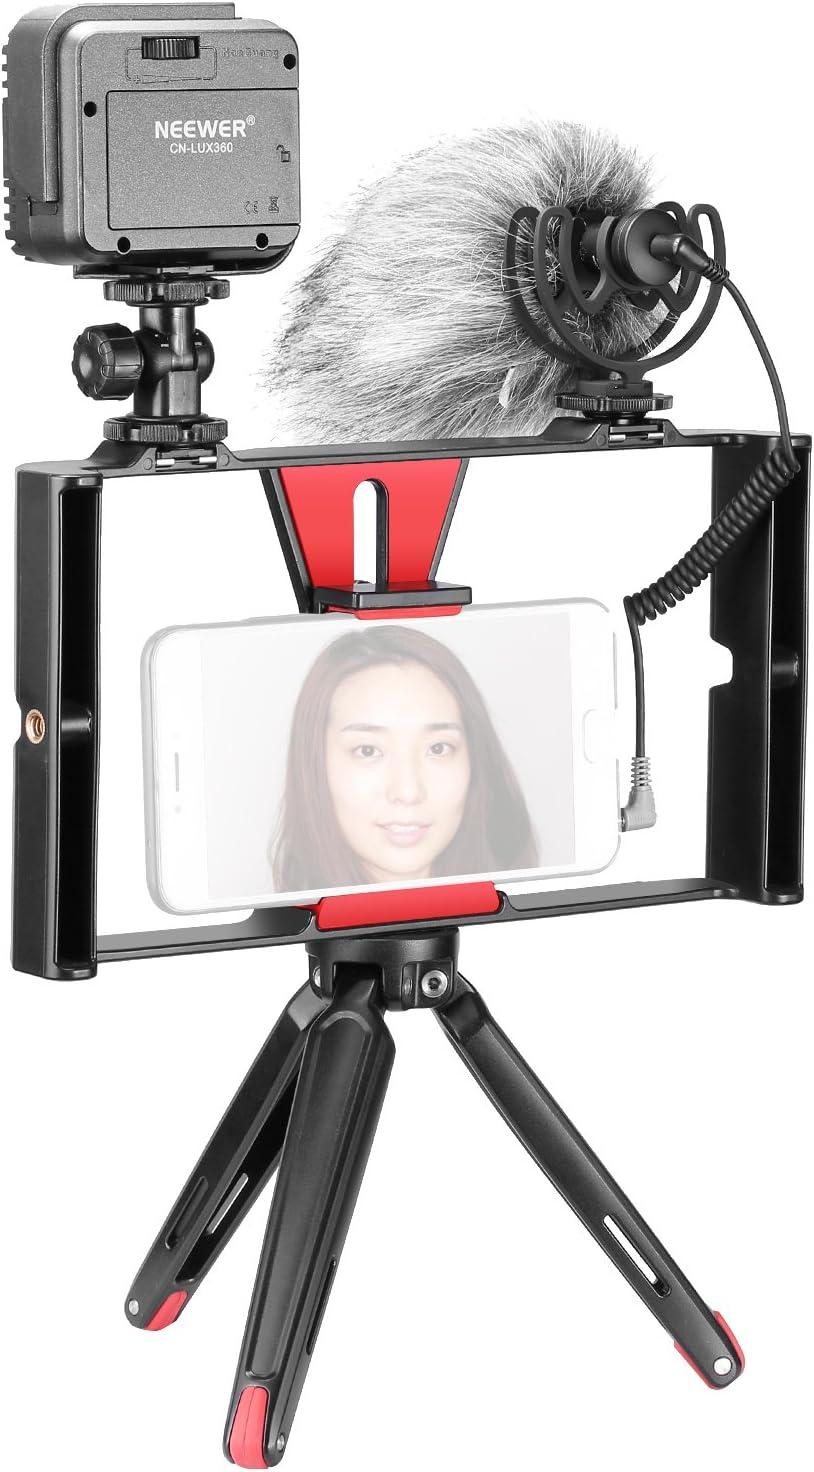 Neewer 4 en 1 Smartphone Vlog Rig Kit de Grabación de ...